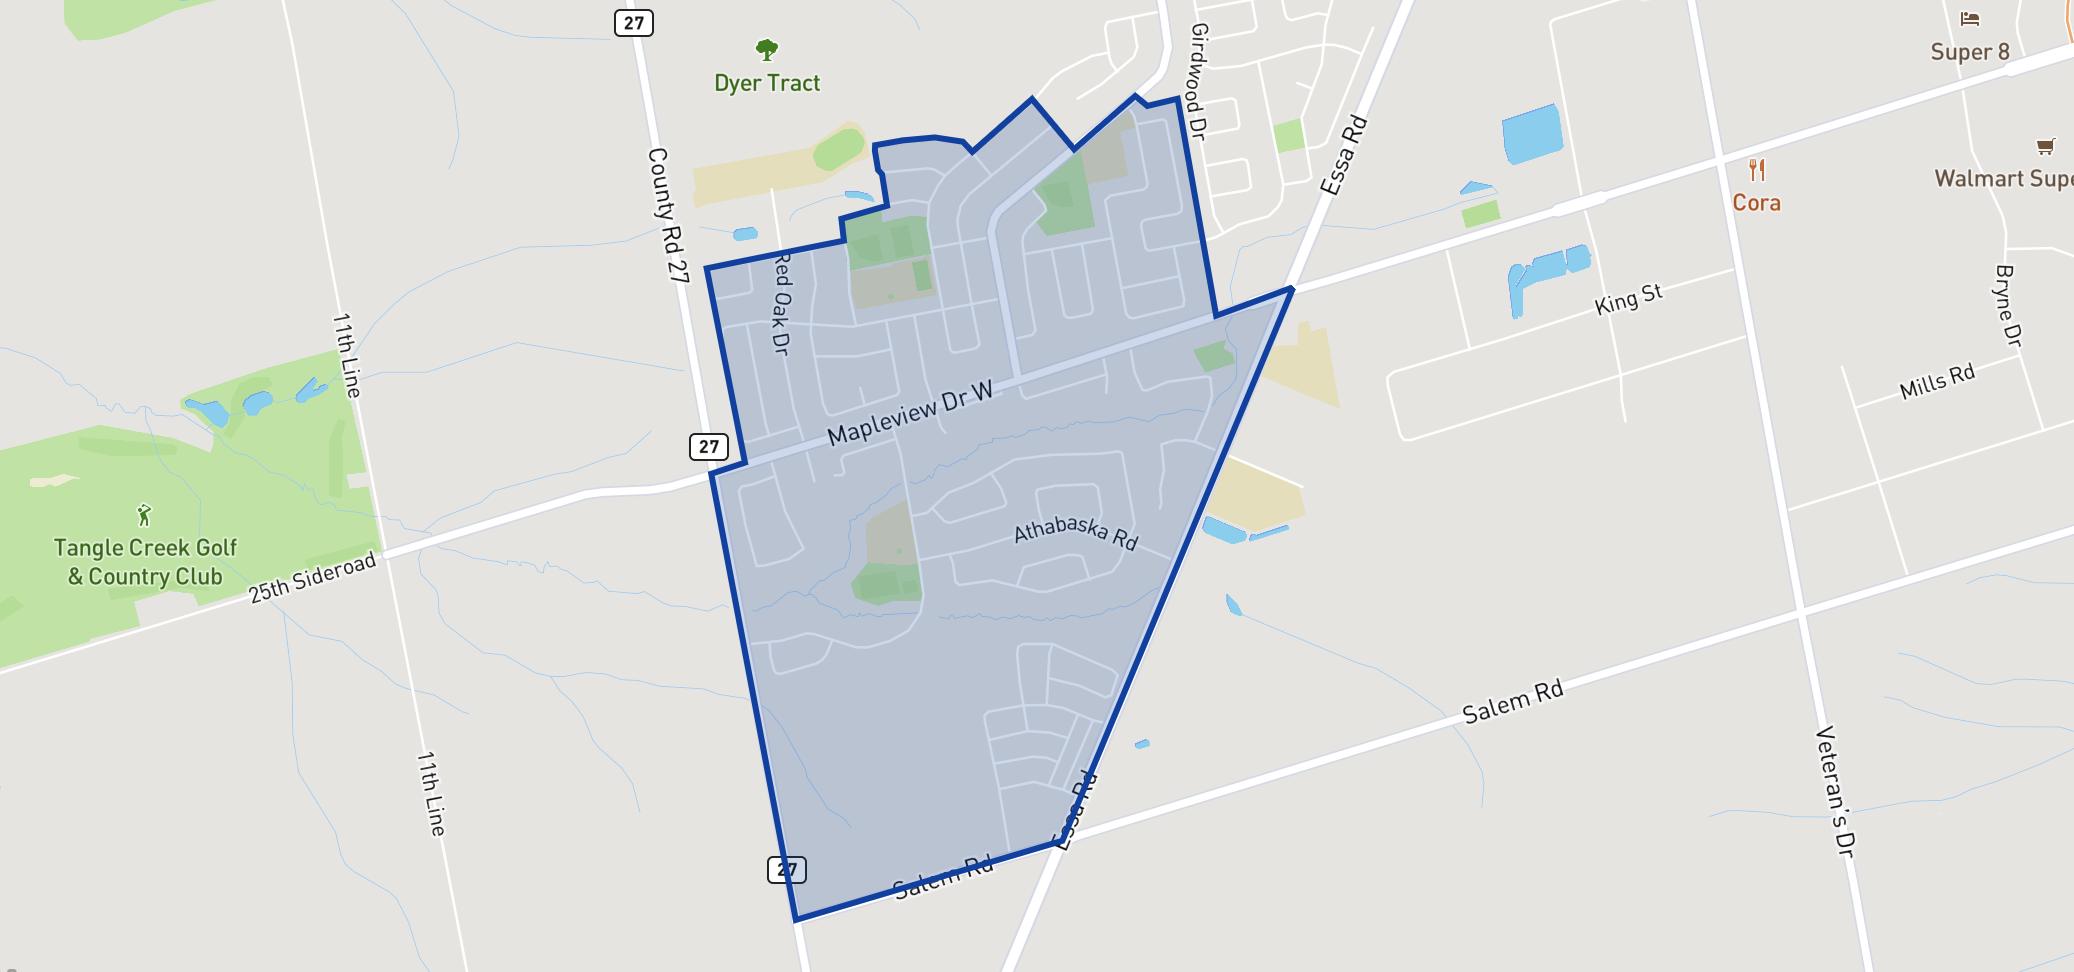 W.C. Little Elementary School neighbourhood borders